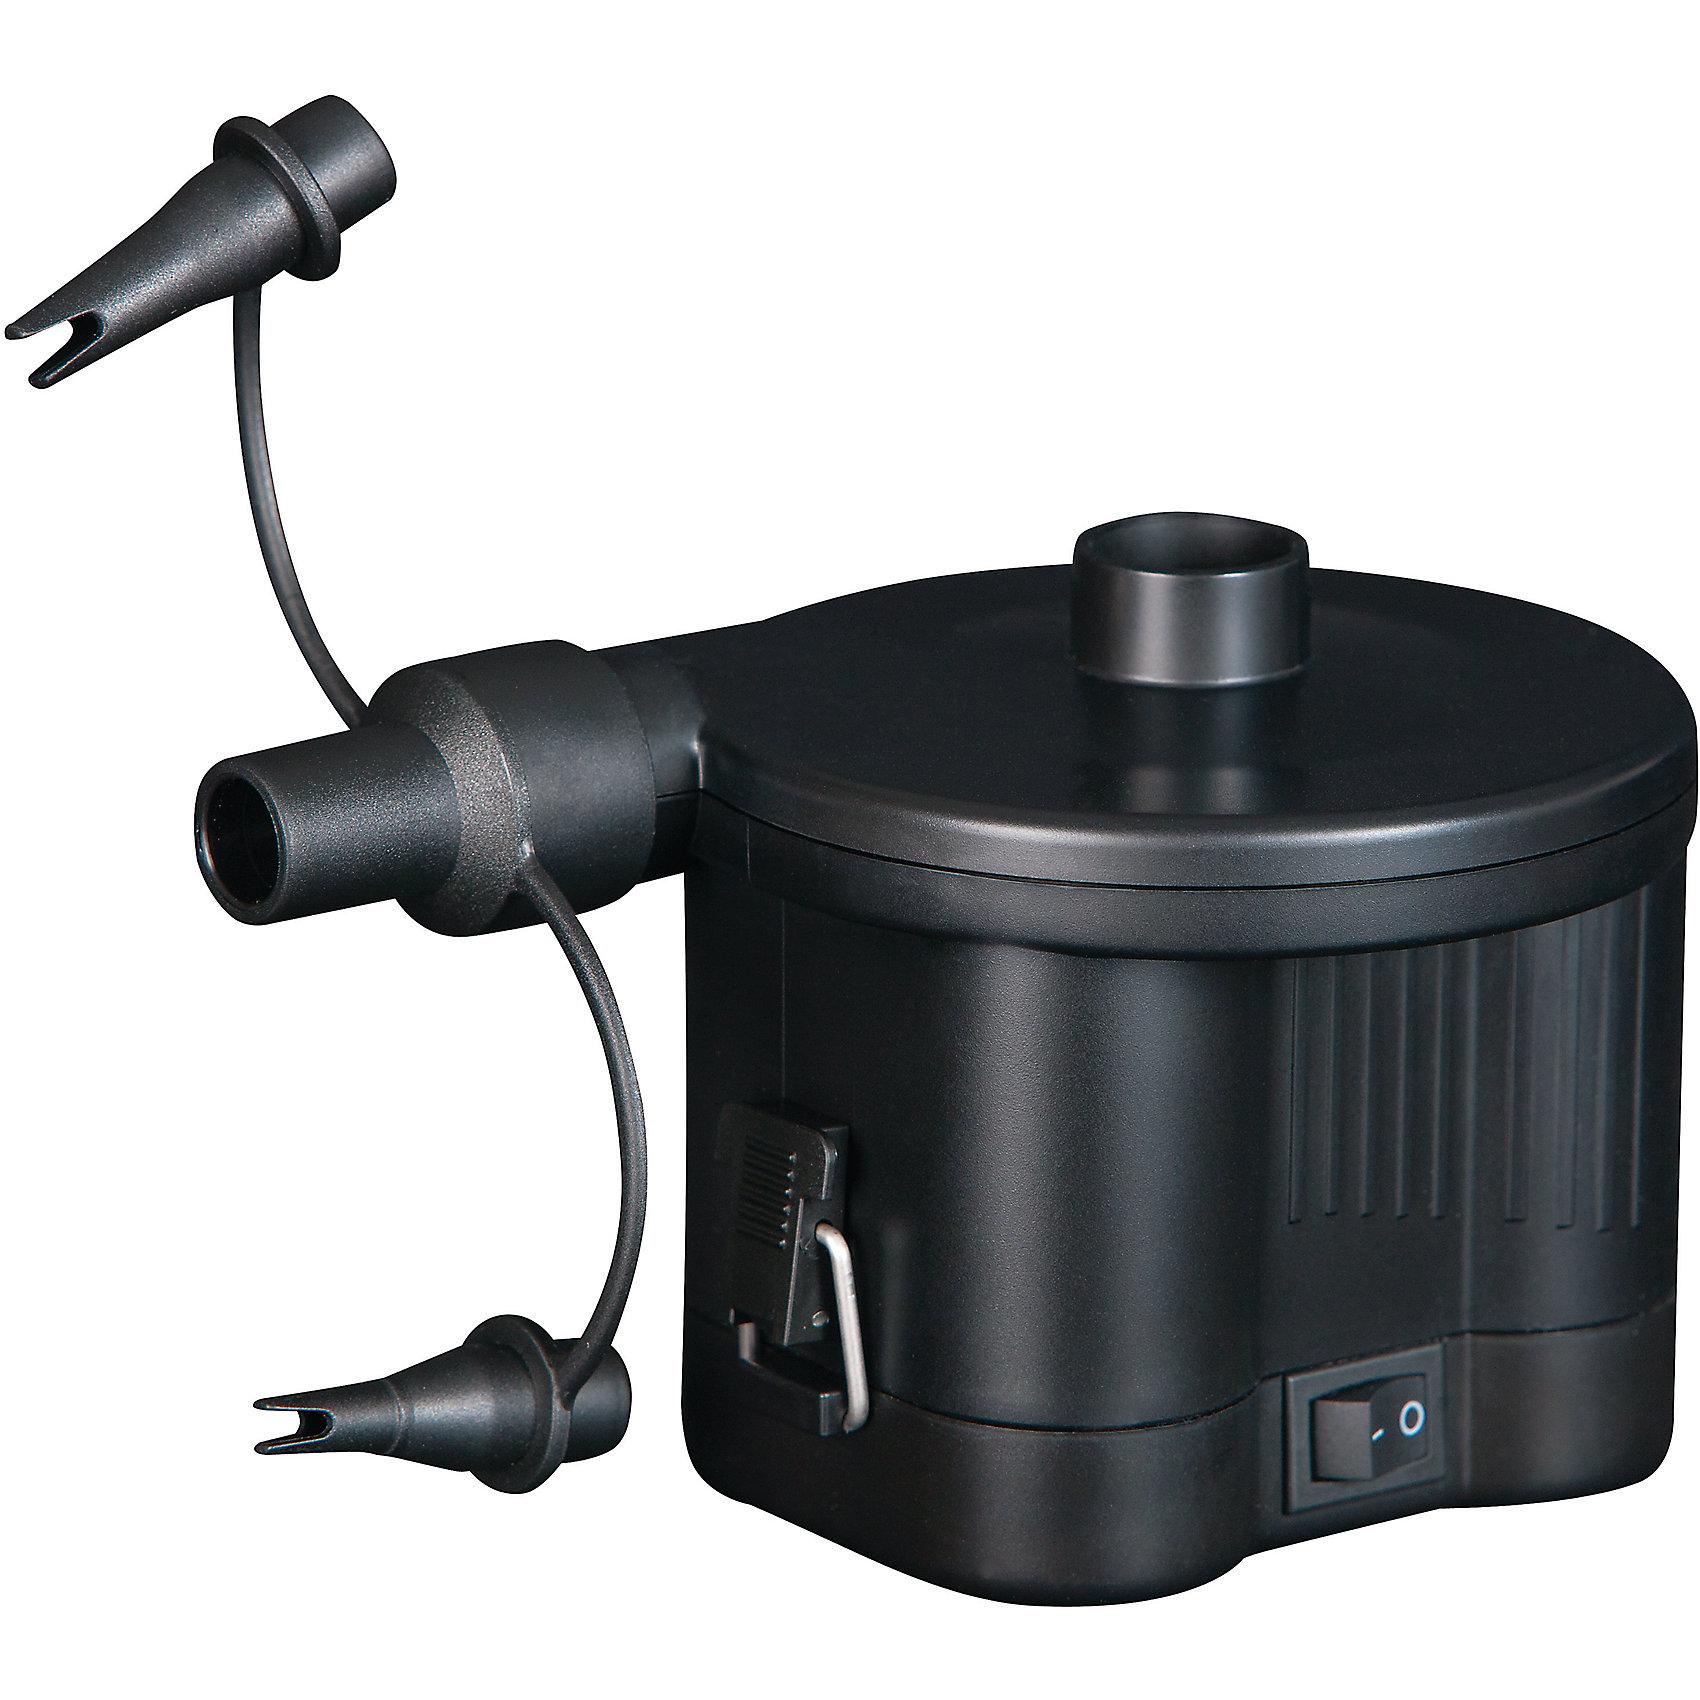 Насос электрический 6В на батарейках, BestwayХарактеристики товара:<br><br>• материал: пластик<br>• цвет: черный<br>• размер: 11х13,5 см<br>• комплектация: насос, три различные по размеру переходника (1,8см/0,8см/0,5см)<br>• напряжение: 6В<br>• легкий прочный материал<br>• для накачивания бассейнов, мячей, игрушек, воздушных шаров, надувных подушек, матрасов и др<br>• батарейки: 4(LR20/D Cell)<br>• страна бренда: США, Китай<br>• страна производства: Китай<br><br>Летом не обойтись без надувных мячей, бассейнов, матрасов, кругов для плавания, а также различных игрушек, подушек и т.д. Чтобы быстро надуть такие изделия, проще всего приобрести небольшой насос, с его помощью накачать вещь воздухом можно быстро и без усилий.<br><br>Предмет сделан из прочного материала, но легкого, насос мало весит, поэтому его удобно брать с собой. Изделие произведено из качественных и безопасных для детей материалов.<br><br>Насос электрический 6В на батарейках от бренда Bestway (Бествей) можно купить в нашем интернет-магазине.<br><br>Ширина мм: 1200<br>Глубина мм: 1180<br>Высота мм: 1100<br>Вес г: 316<br>Возраст от месяцев: 144<br>Возраст до месяцев: 1188<br>Пол: Унисекс<br>Возраст: Детский<br>SKU: 4632826